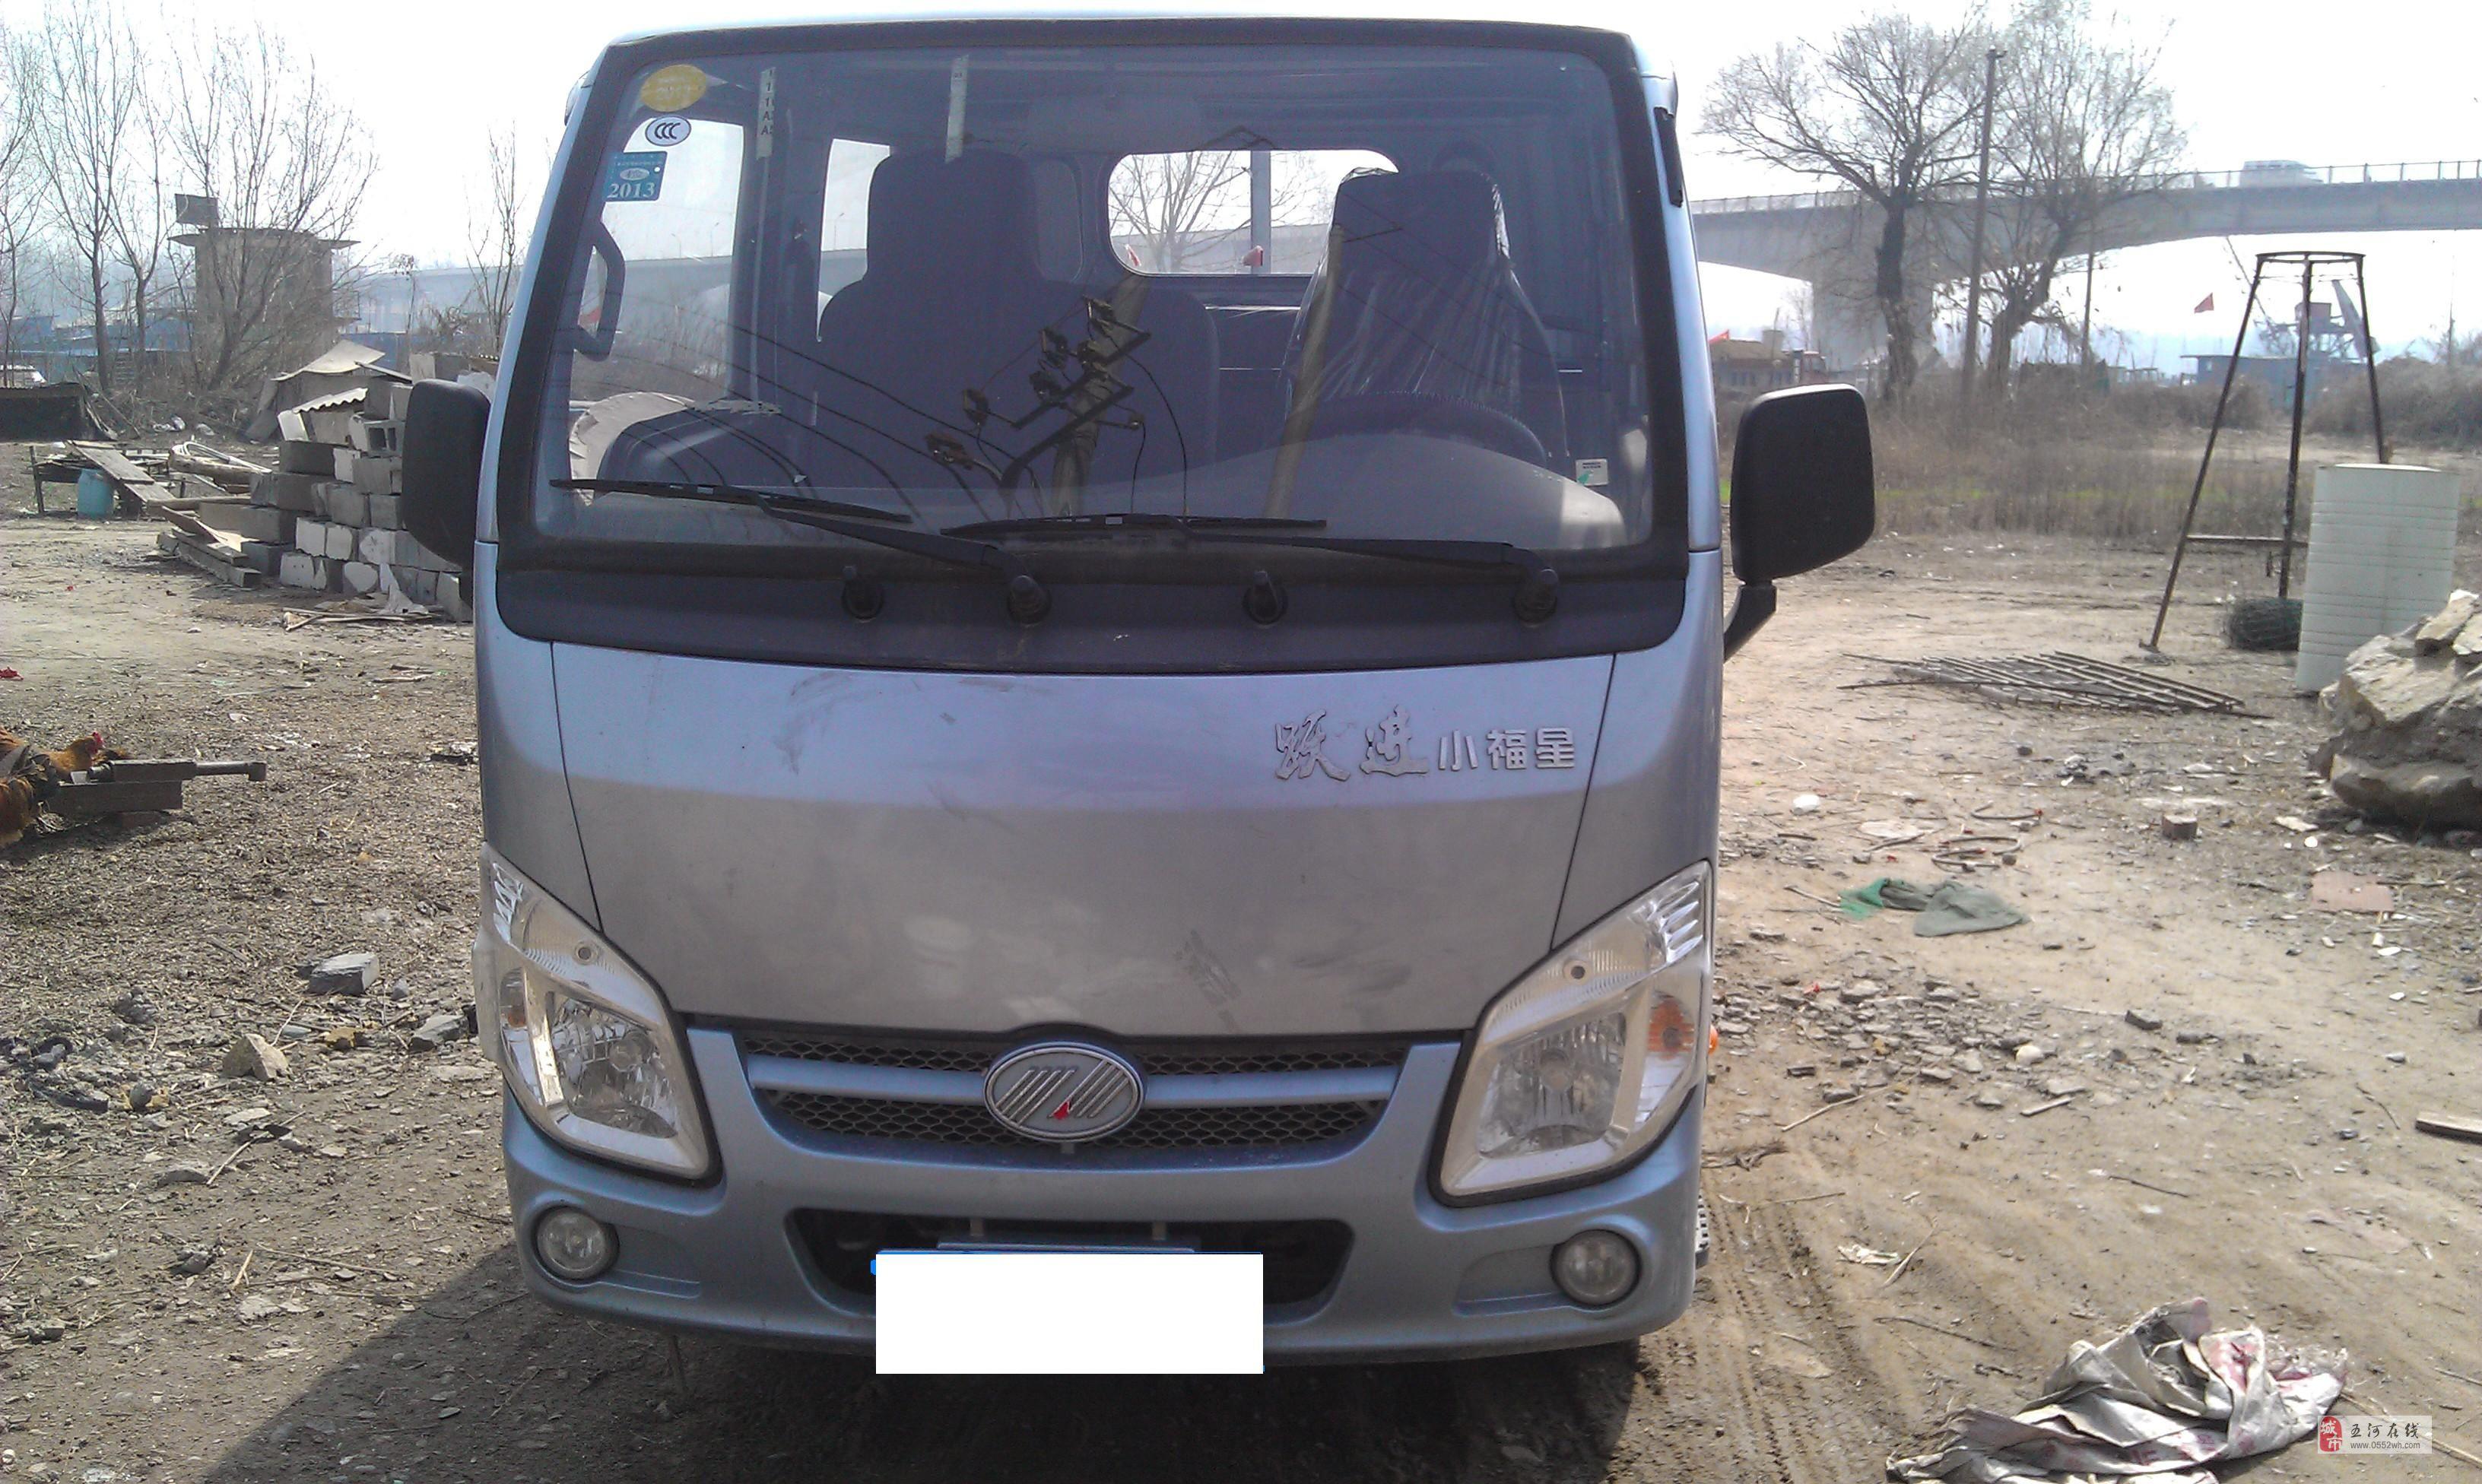 出售南京 依维柯 小福星货车